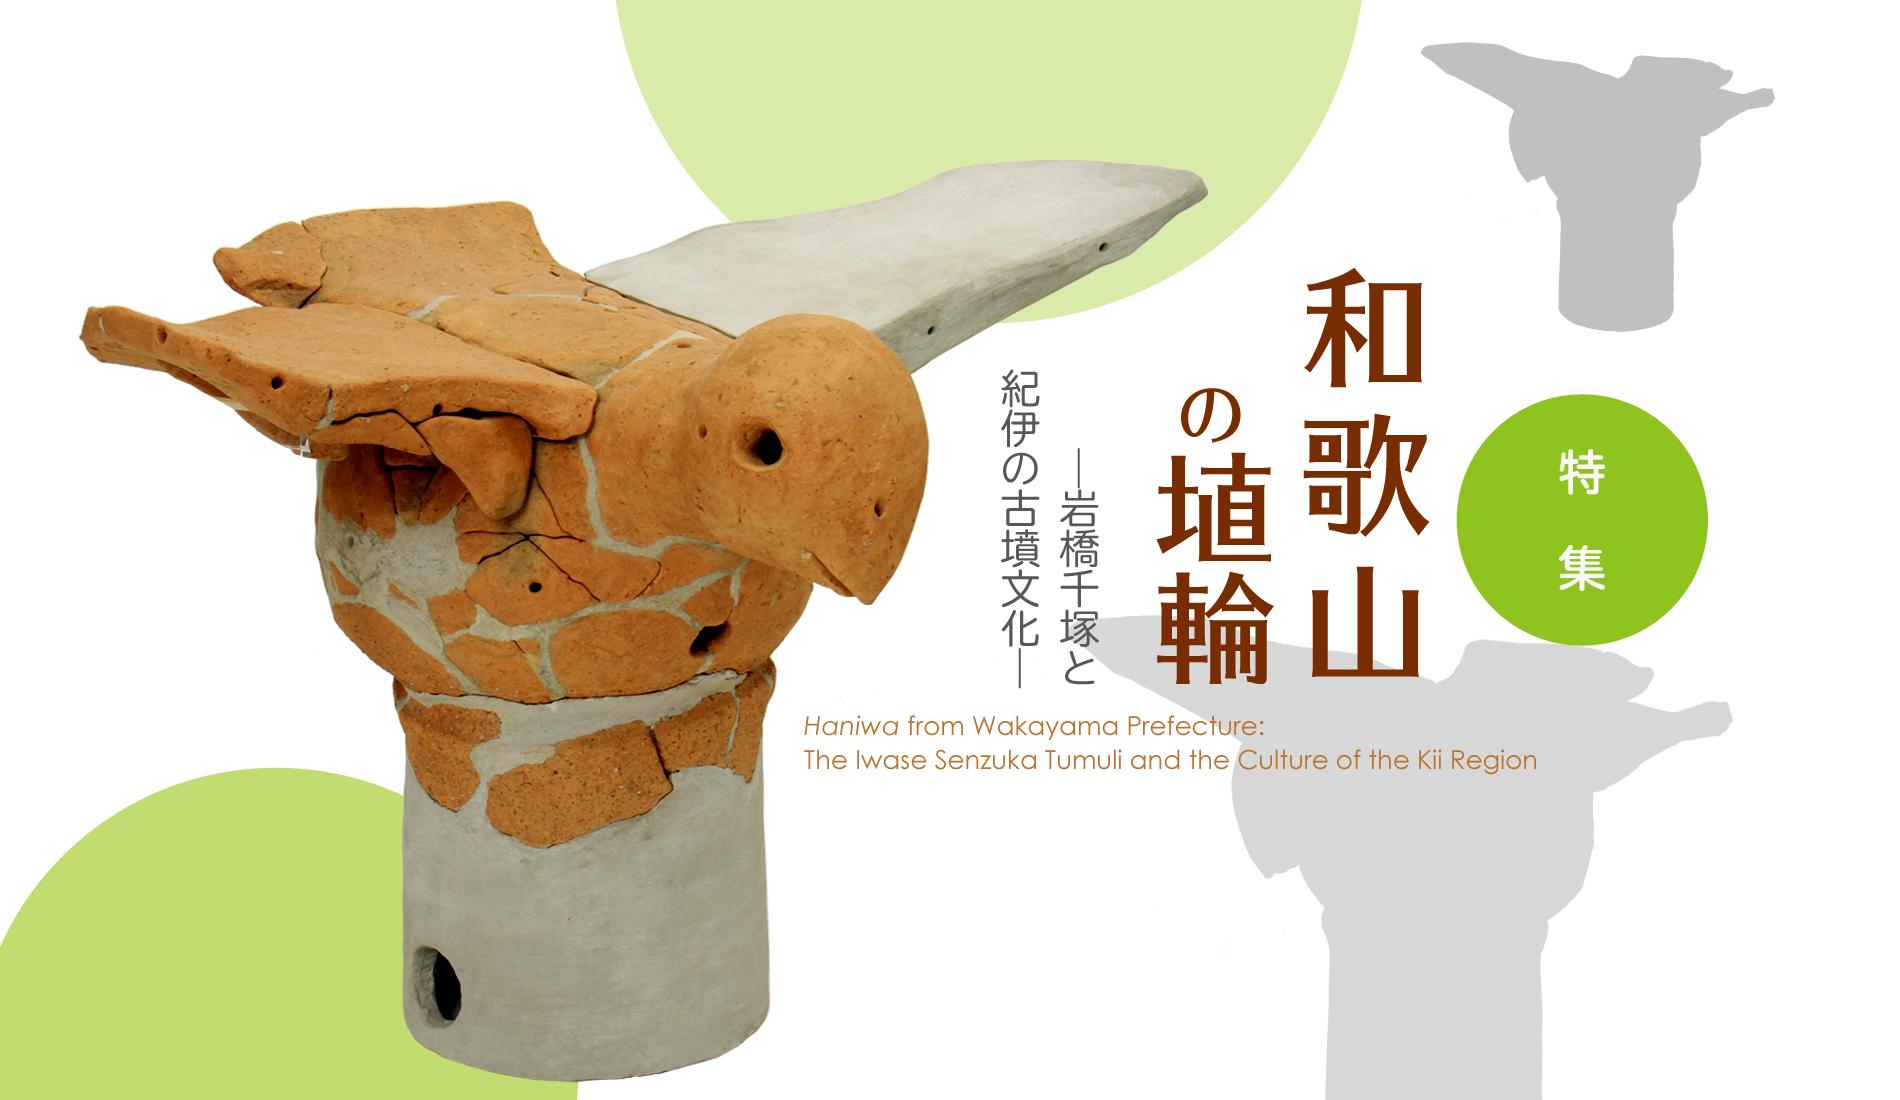 和歌山の埴輪―岩橋千塚と紀伊の古墳文化―